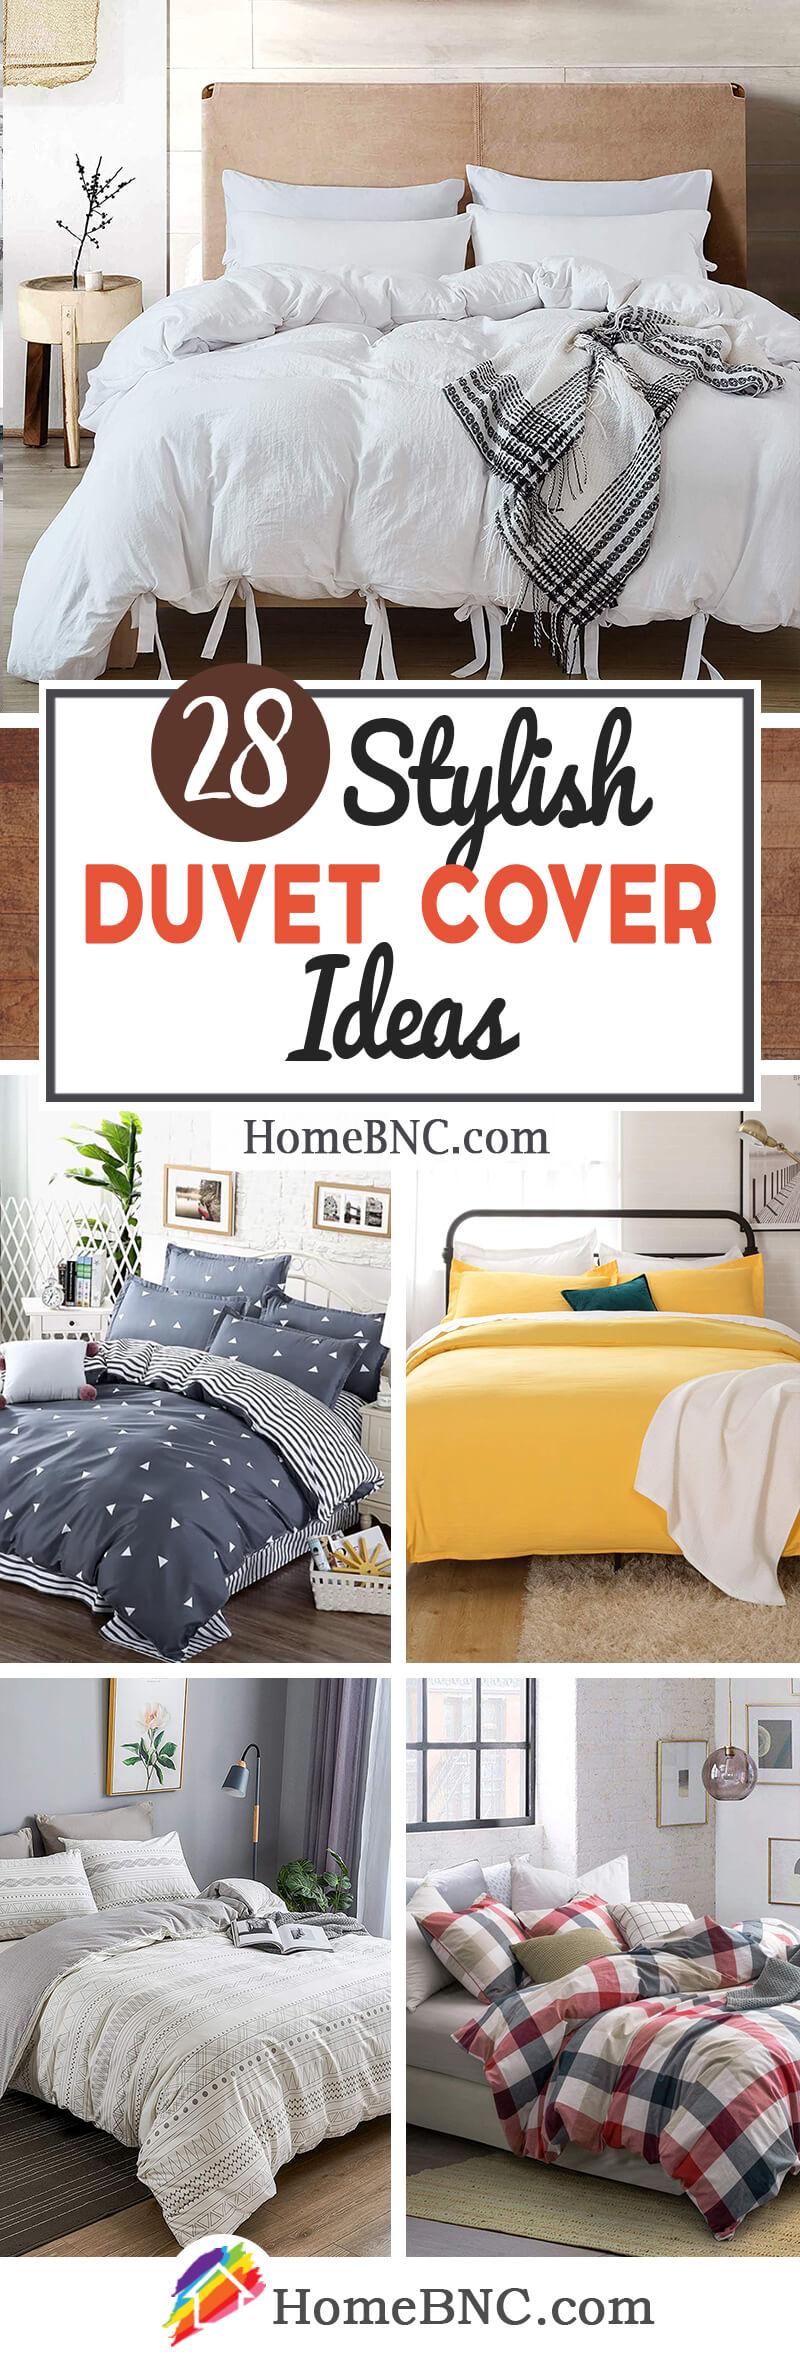 Best Duvet Cover